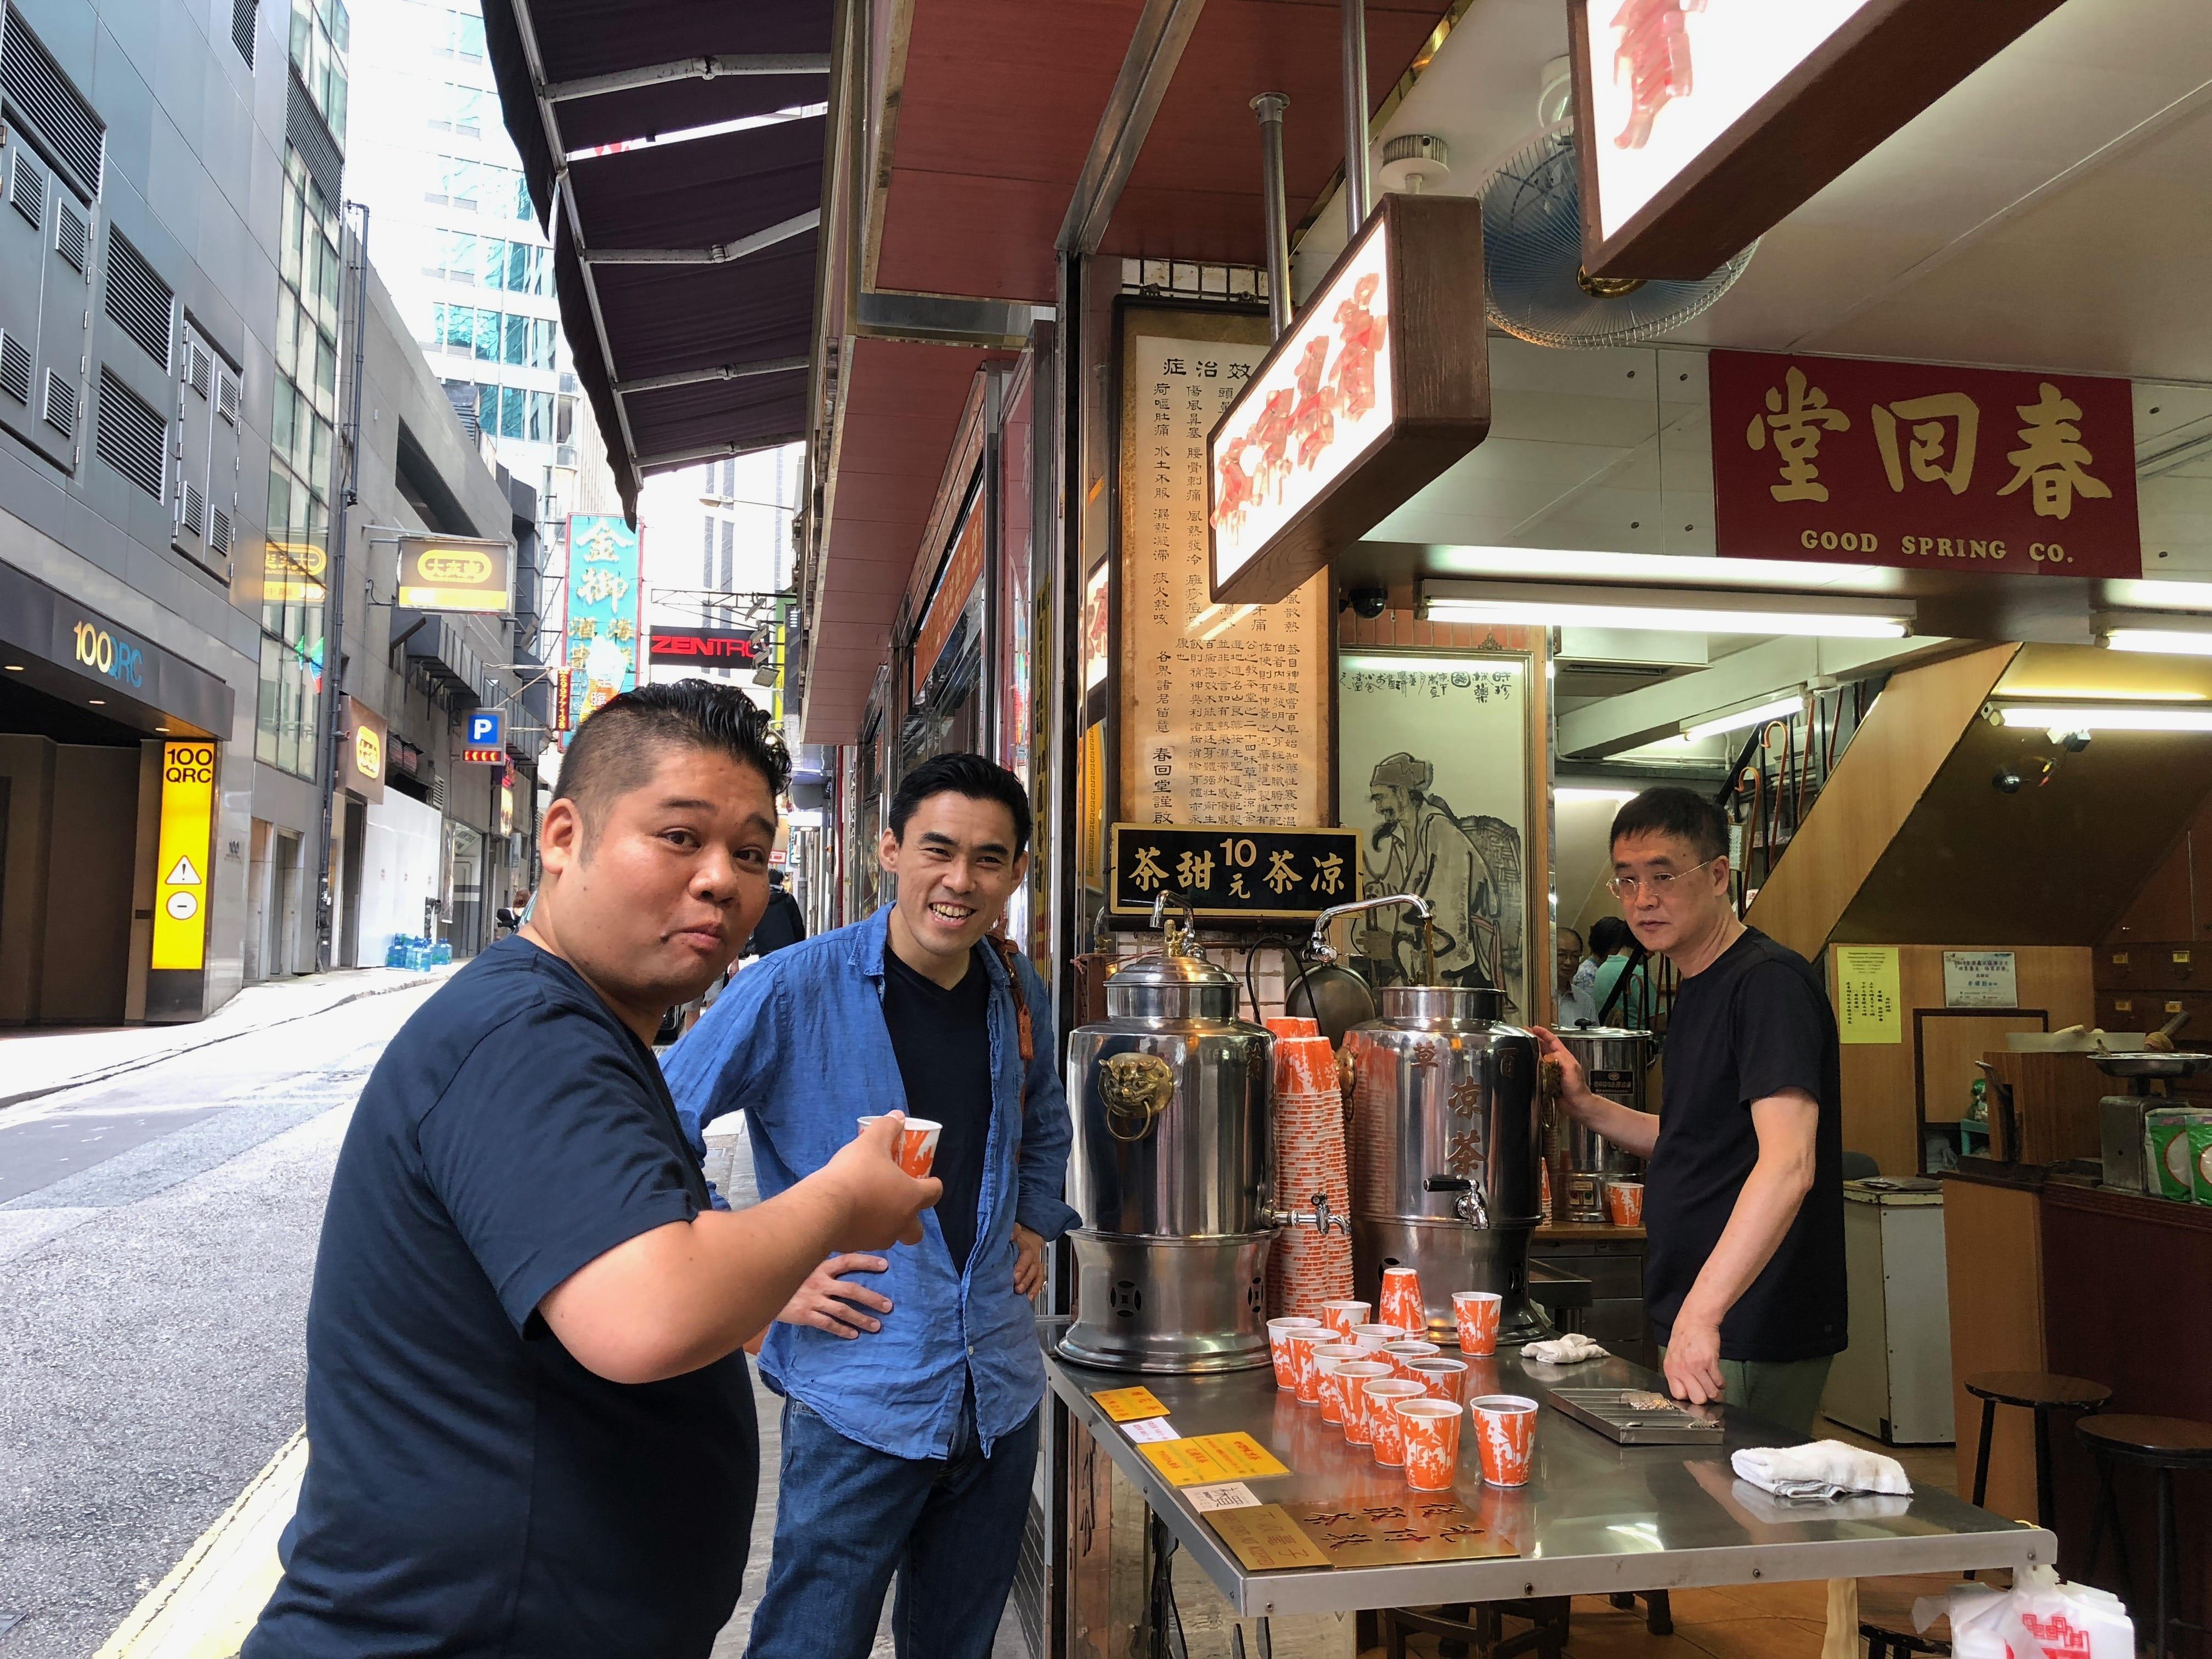 中环春回堂的凉茶很有名,这日大厨们就喝下一杯有助消化的凉茶。(图片:潘小熊)